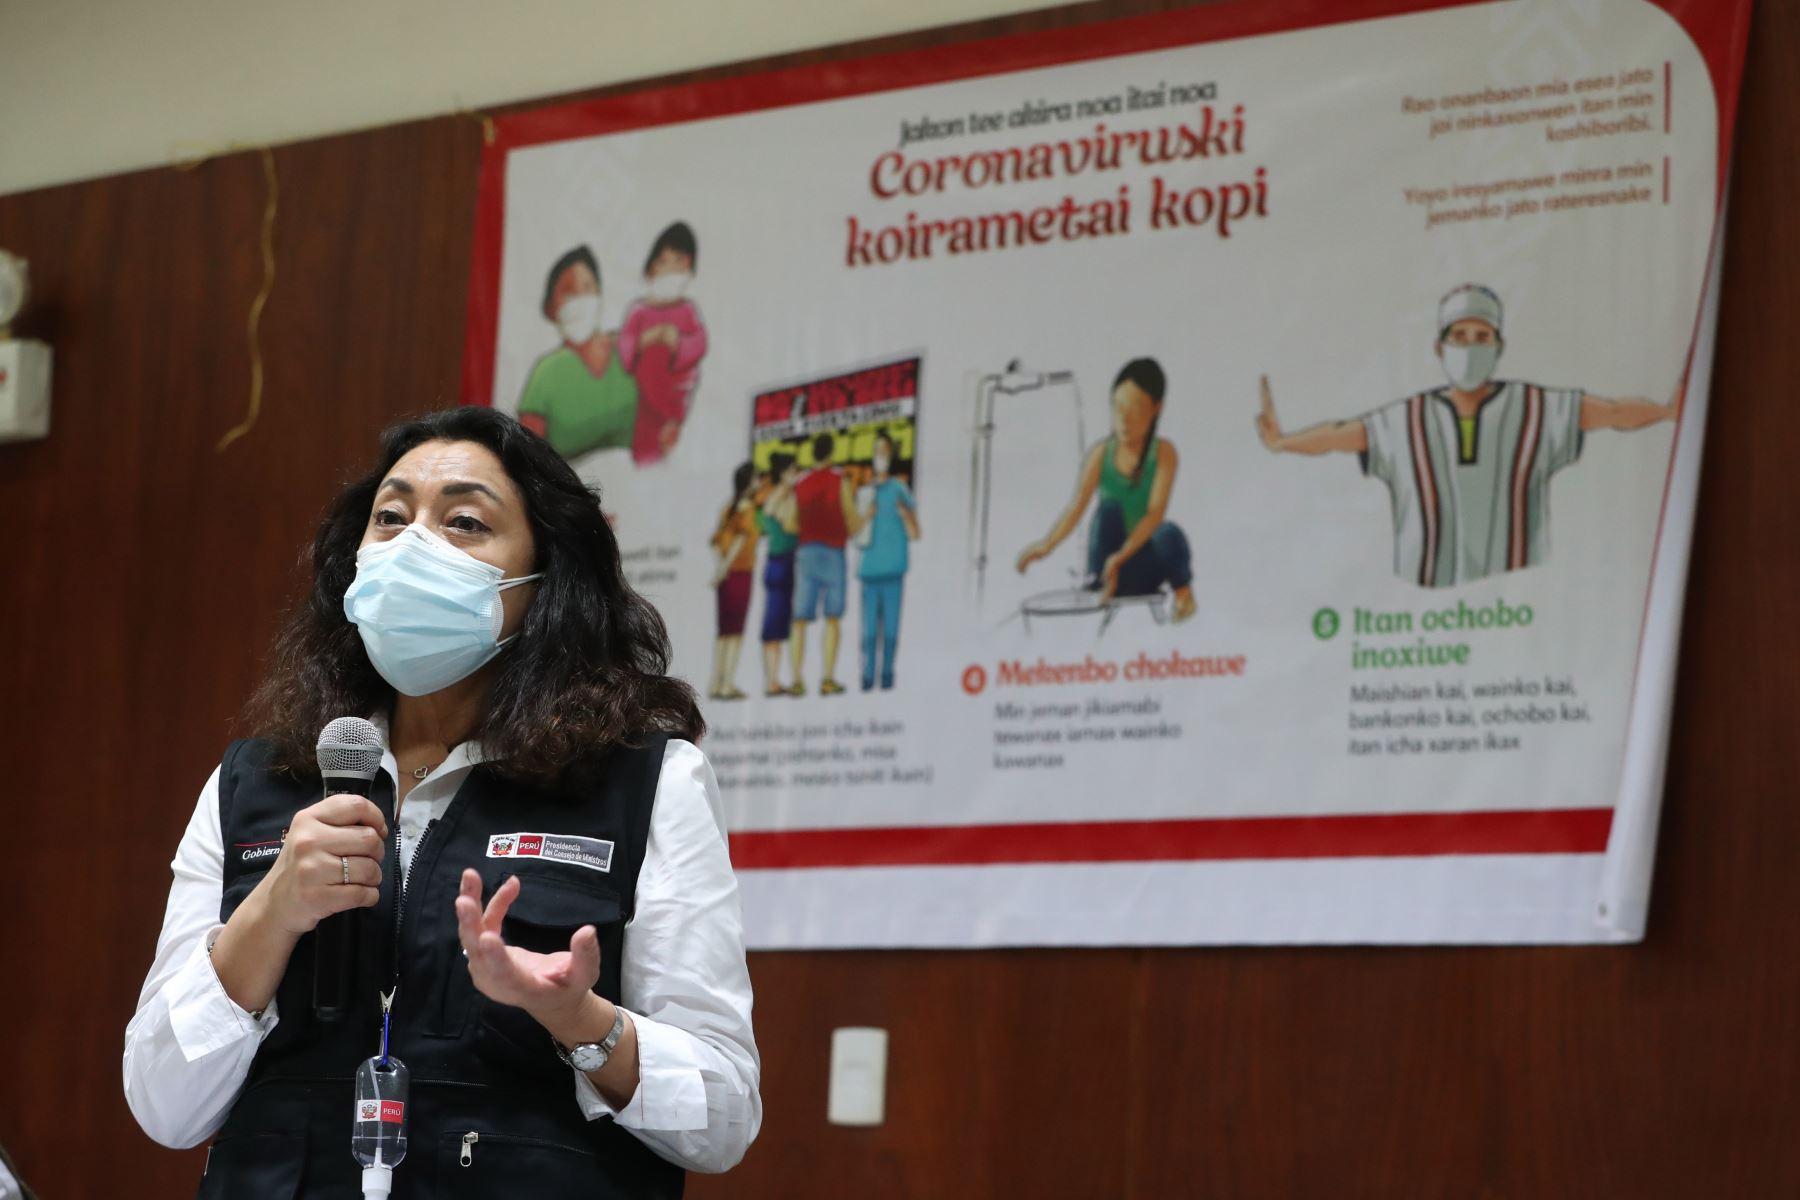 La jefa del Gabinete Ministerial, Violeta Bermúdez, llega a Ucayali para realizar la supervisión del proceso de vacunación contra el covid-19 del personal de salud en la región. Foto:ANDINA/PCM